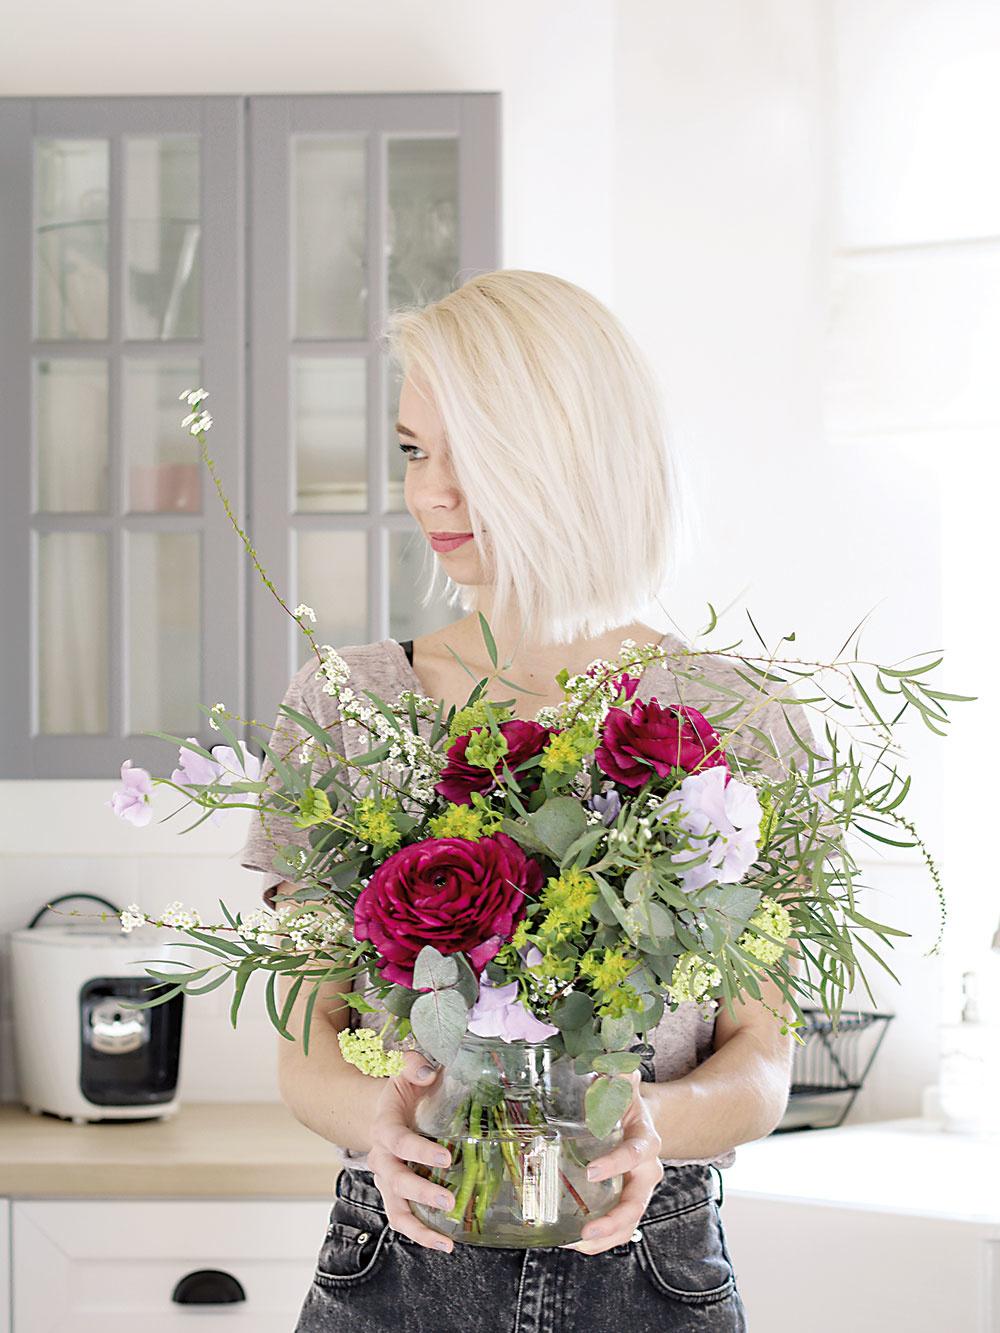 Príjemný charakter interiéru dotvárajú použité rezané kvety, rastliny aprírodniny. Kvetinové aranžmány pripravil Ateliér Papaver.